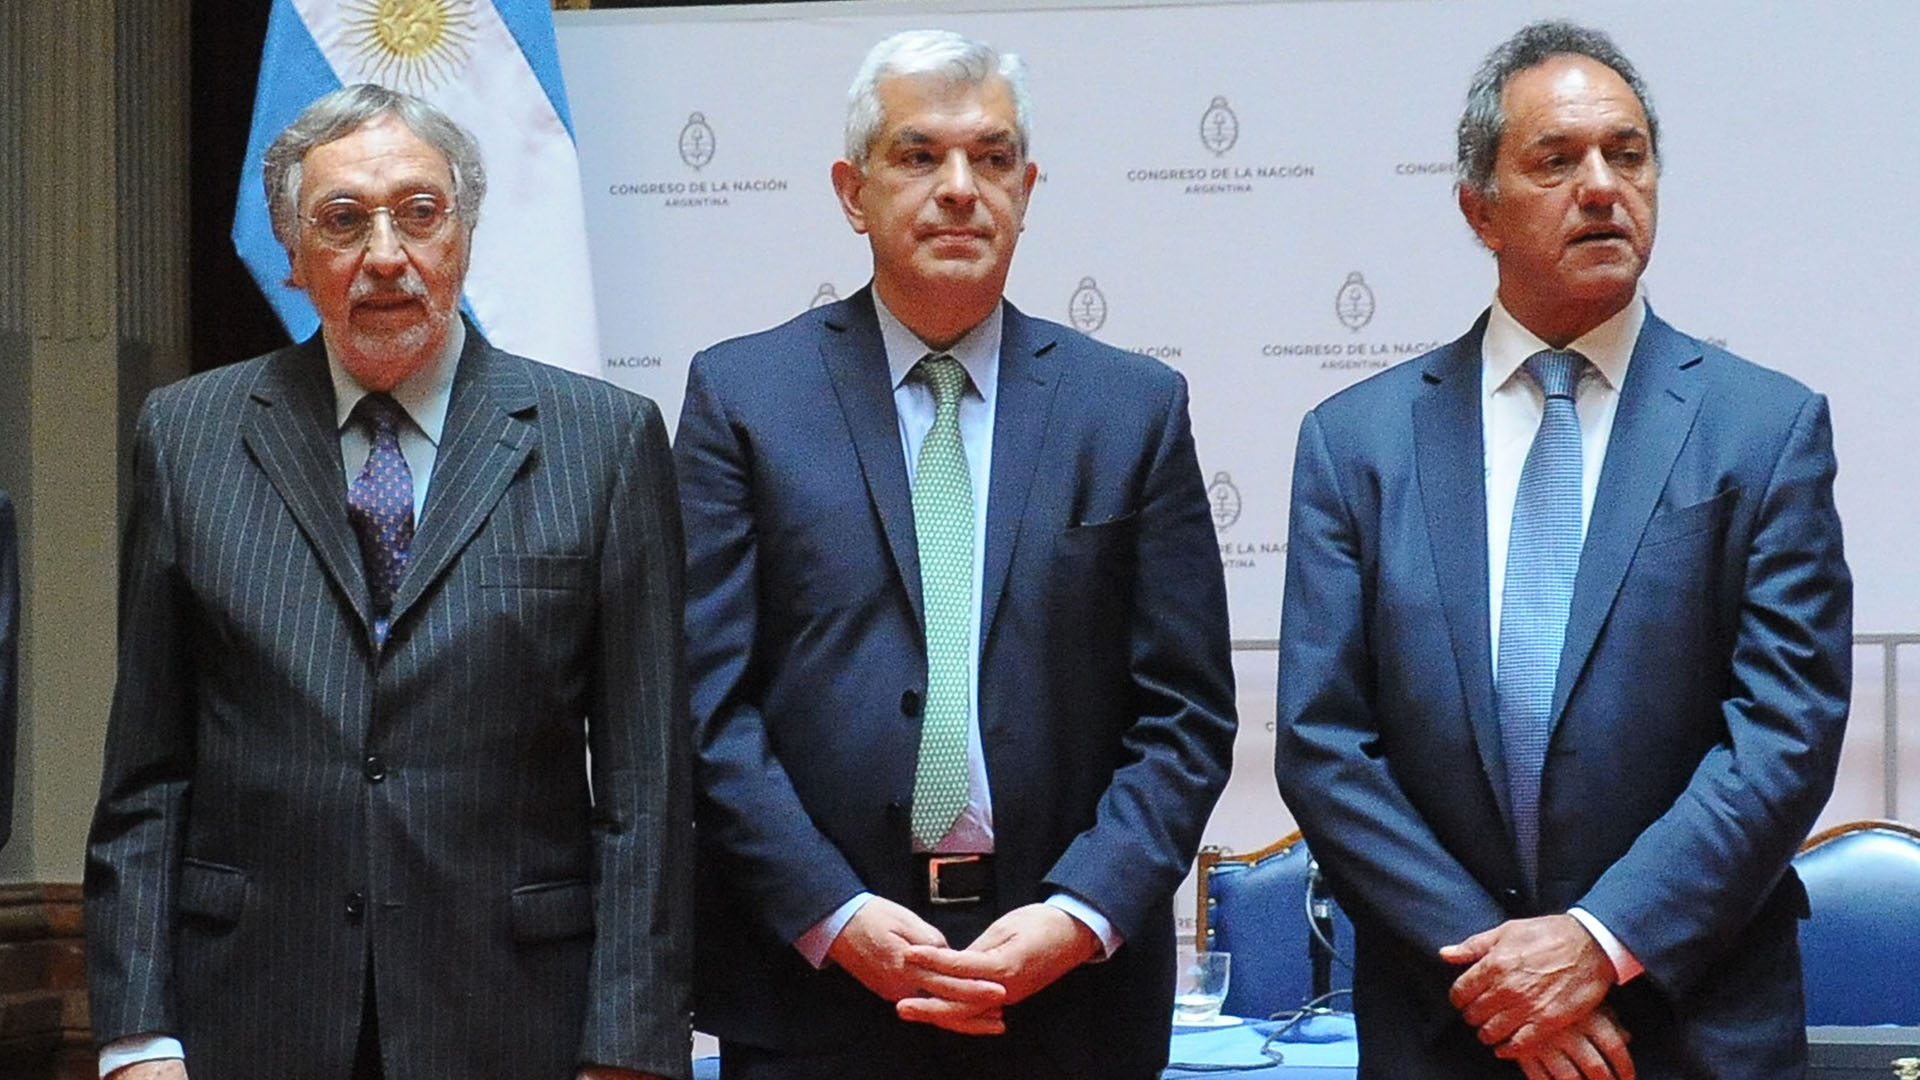 Luis Brandoni, Julián Domínguez y Daniel Scioli